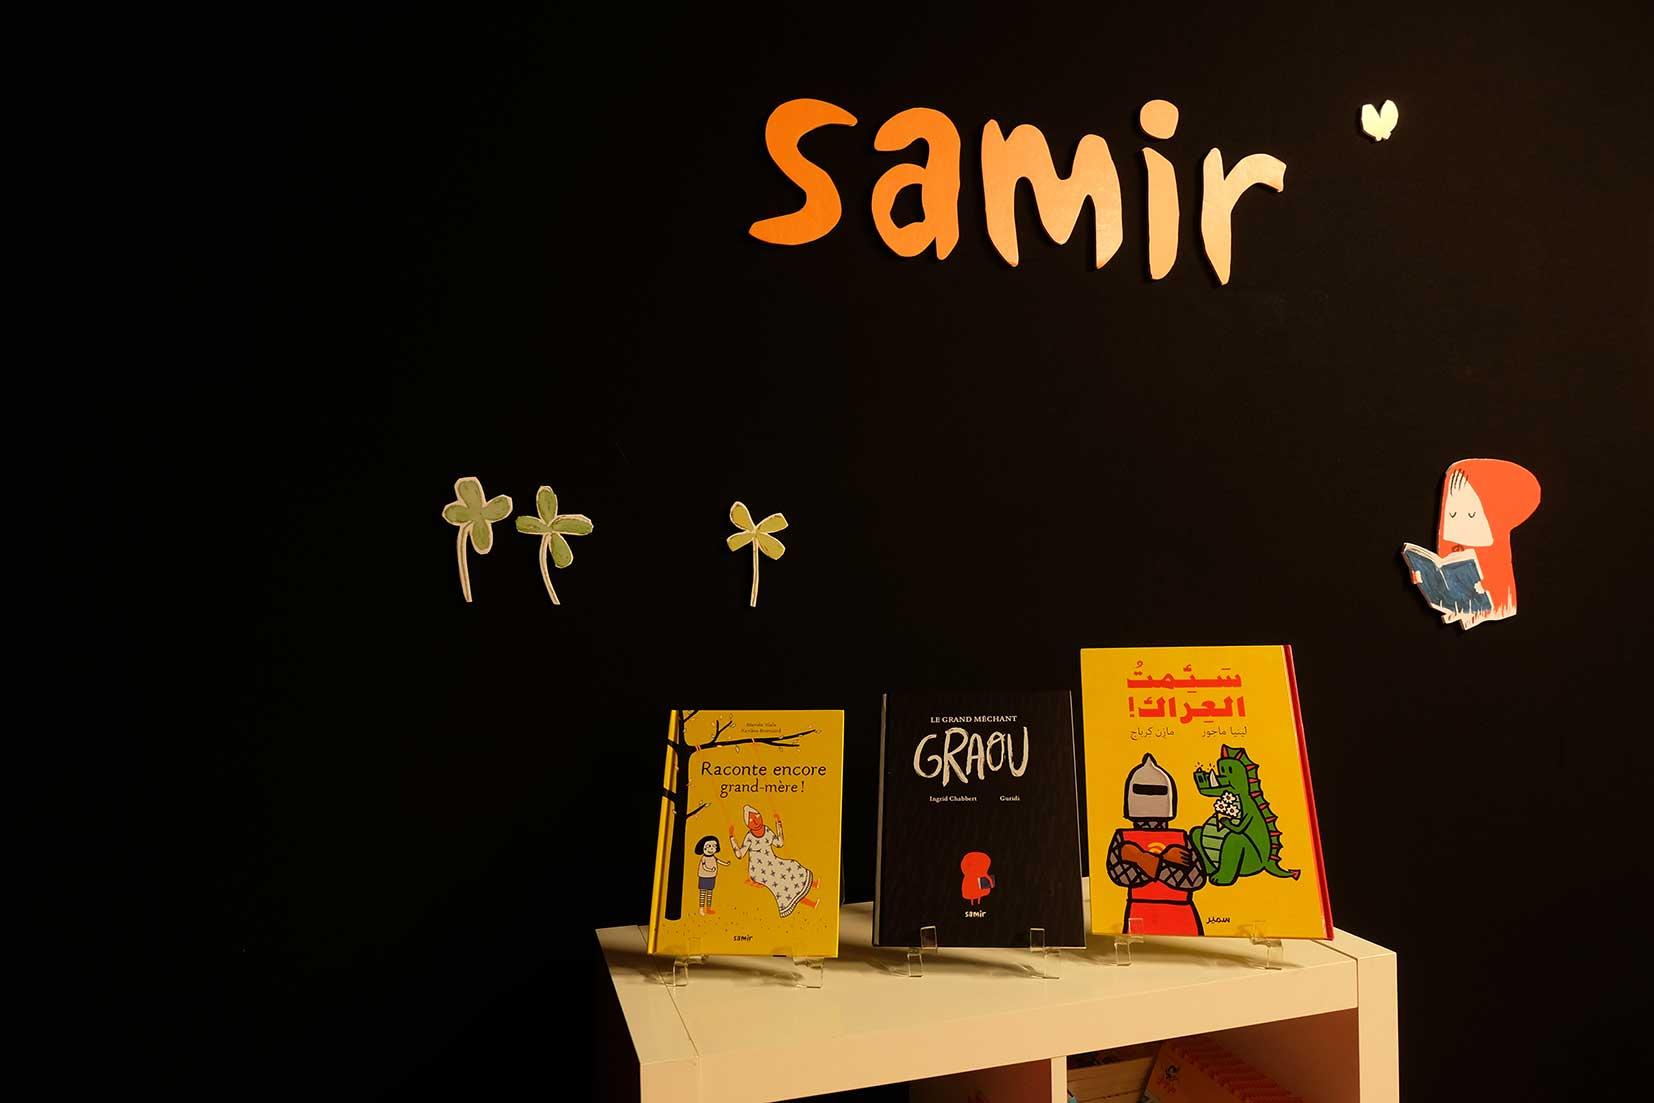 Salon de montreuil 2015 samir diteur - Salon du livre jeunesse de montreuil ...